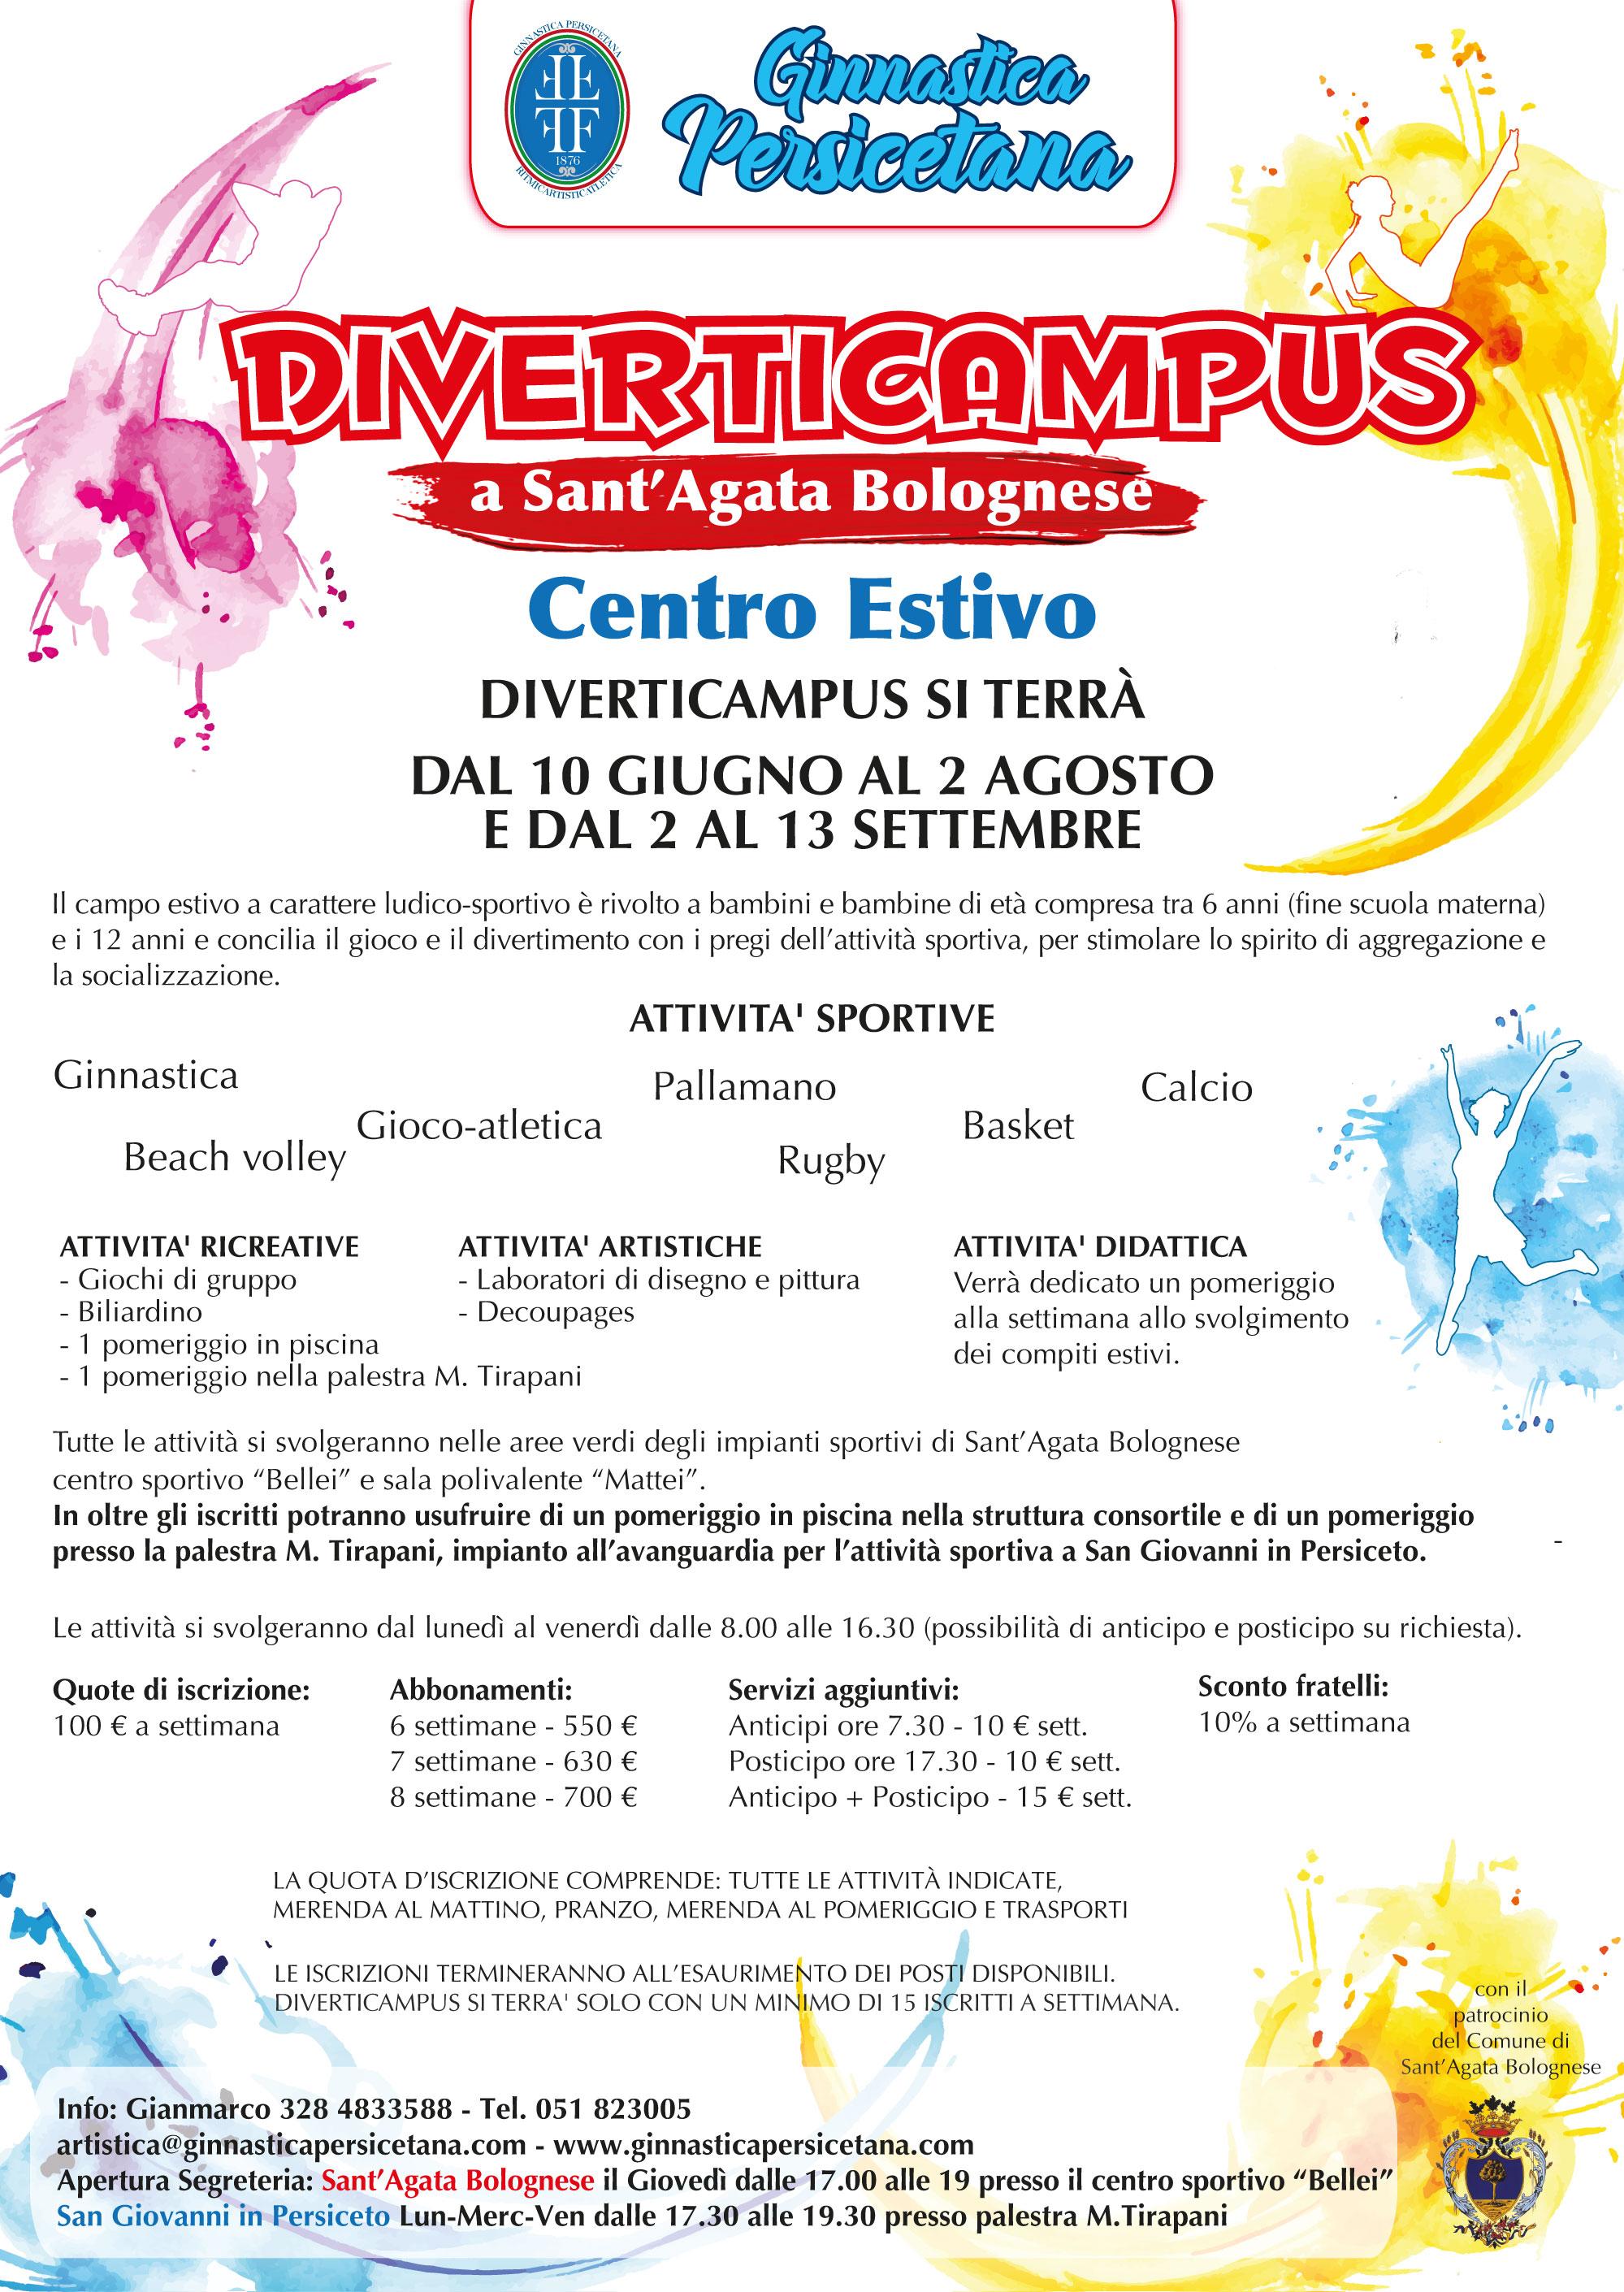 Il 15 aprile aprono le iscrizioni del DIVERTICAMPUS di Sant'Agata Bolognese